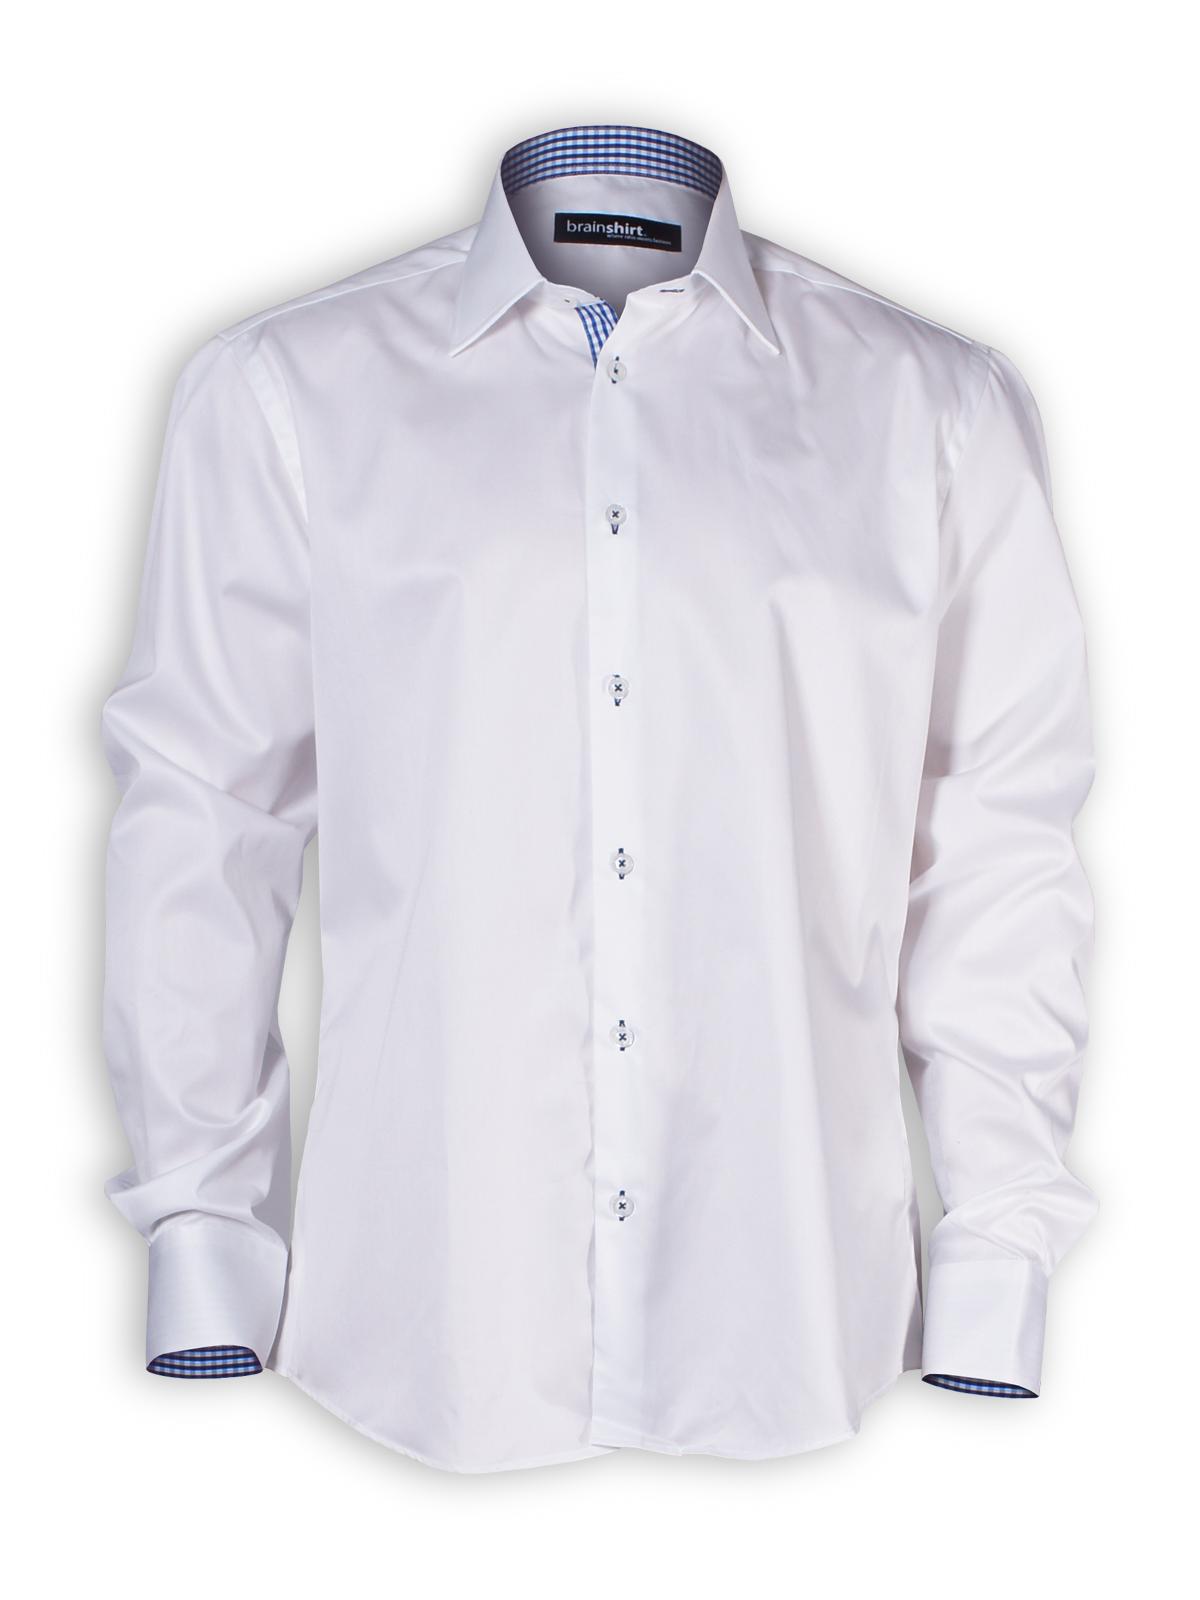 Hemd KarmaKonsum von brainshirt in weiß - PNG Hemd